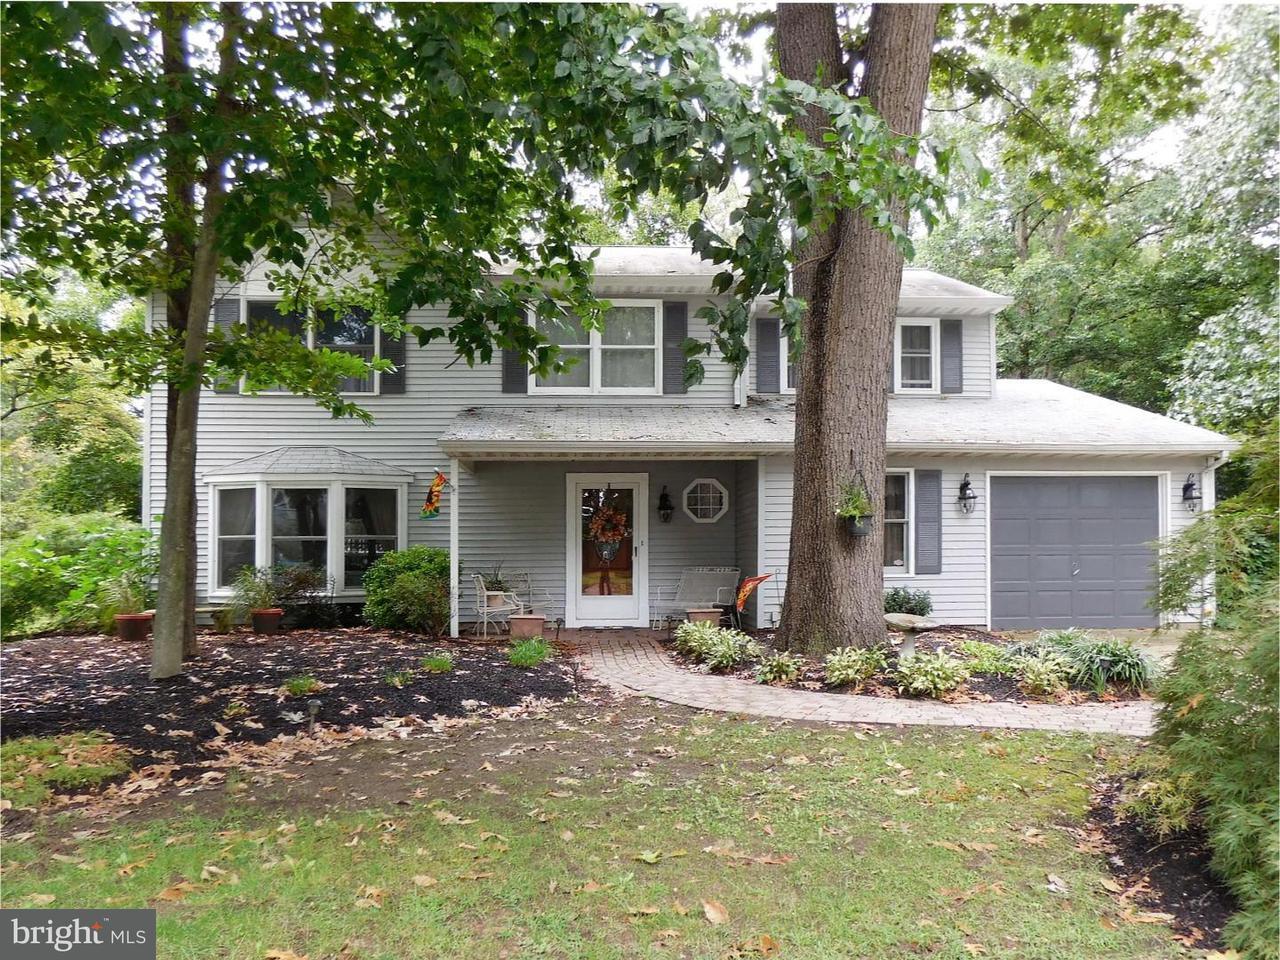 Частный односемейный дом для того Продажа на 3 FRAMINGHAM Road Edgewater Park, Нью-Джерси 08010 Соединенные Штаты